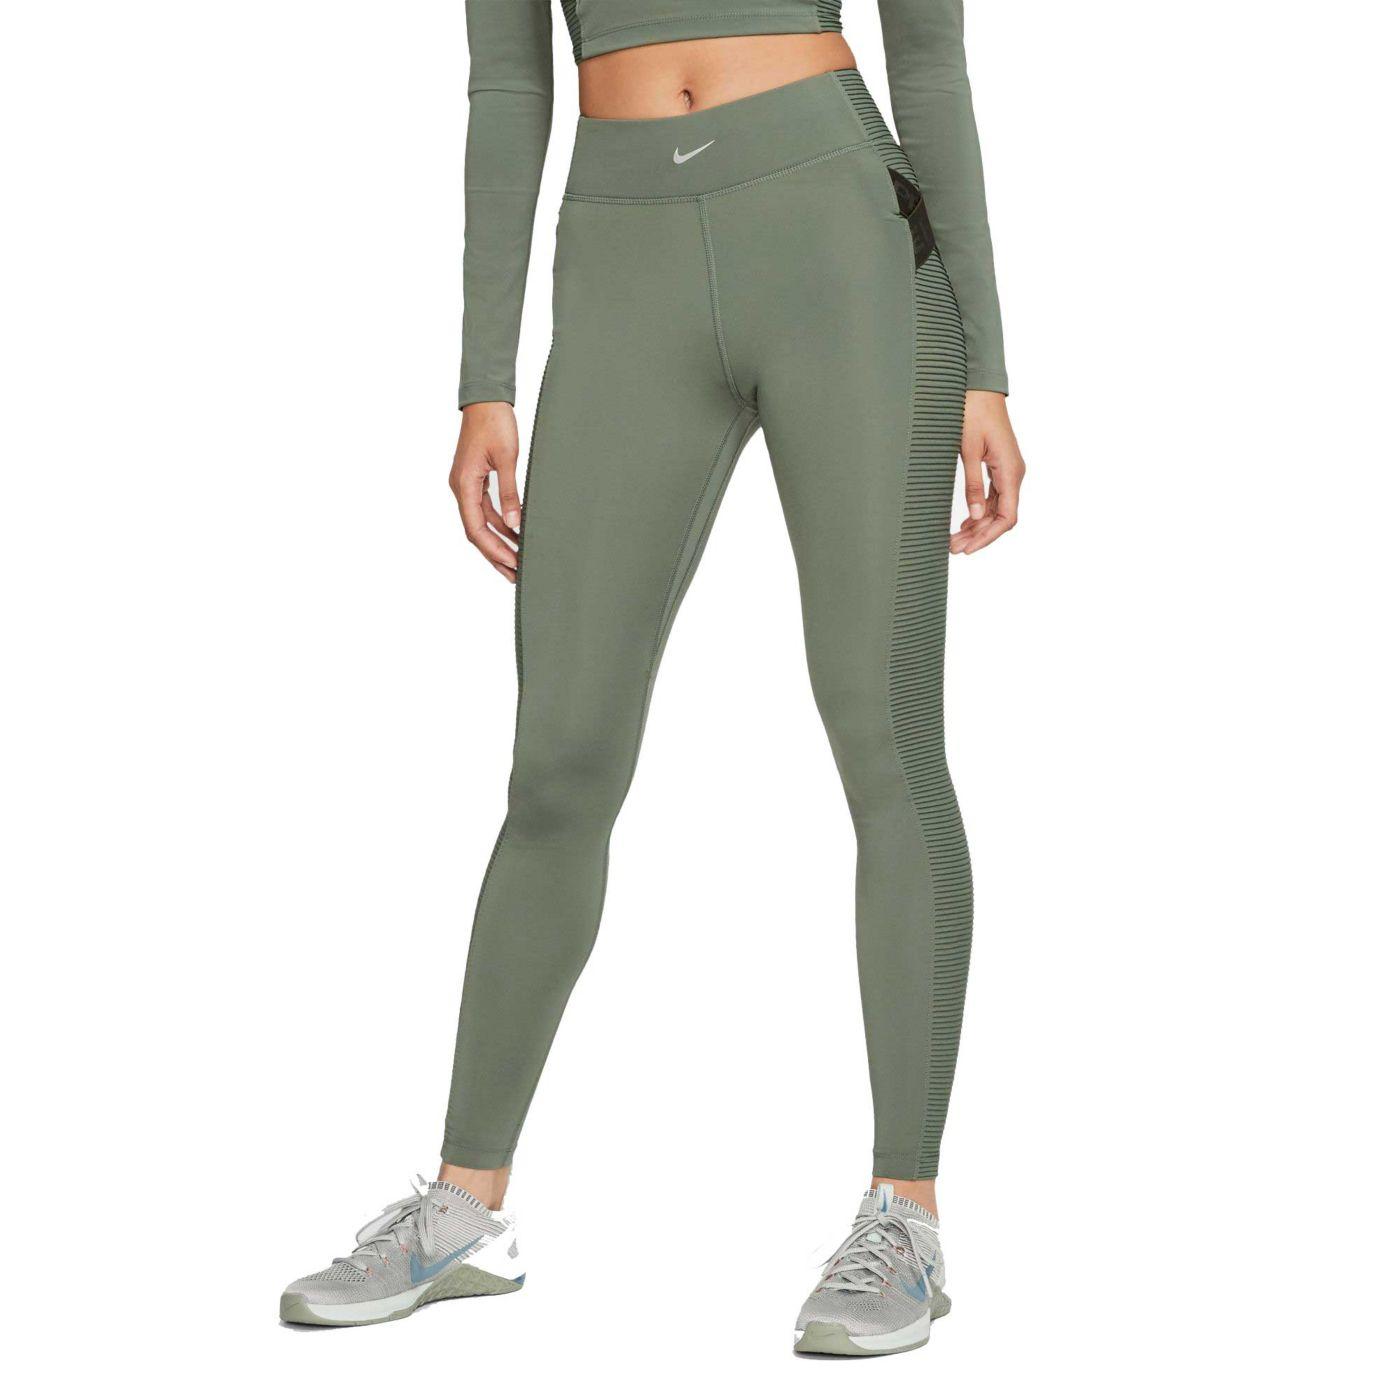 Nike Women's Pro AeroAdapt Tights